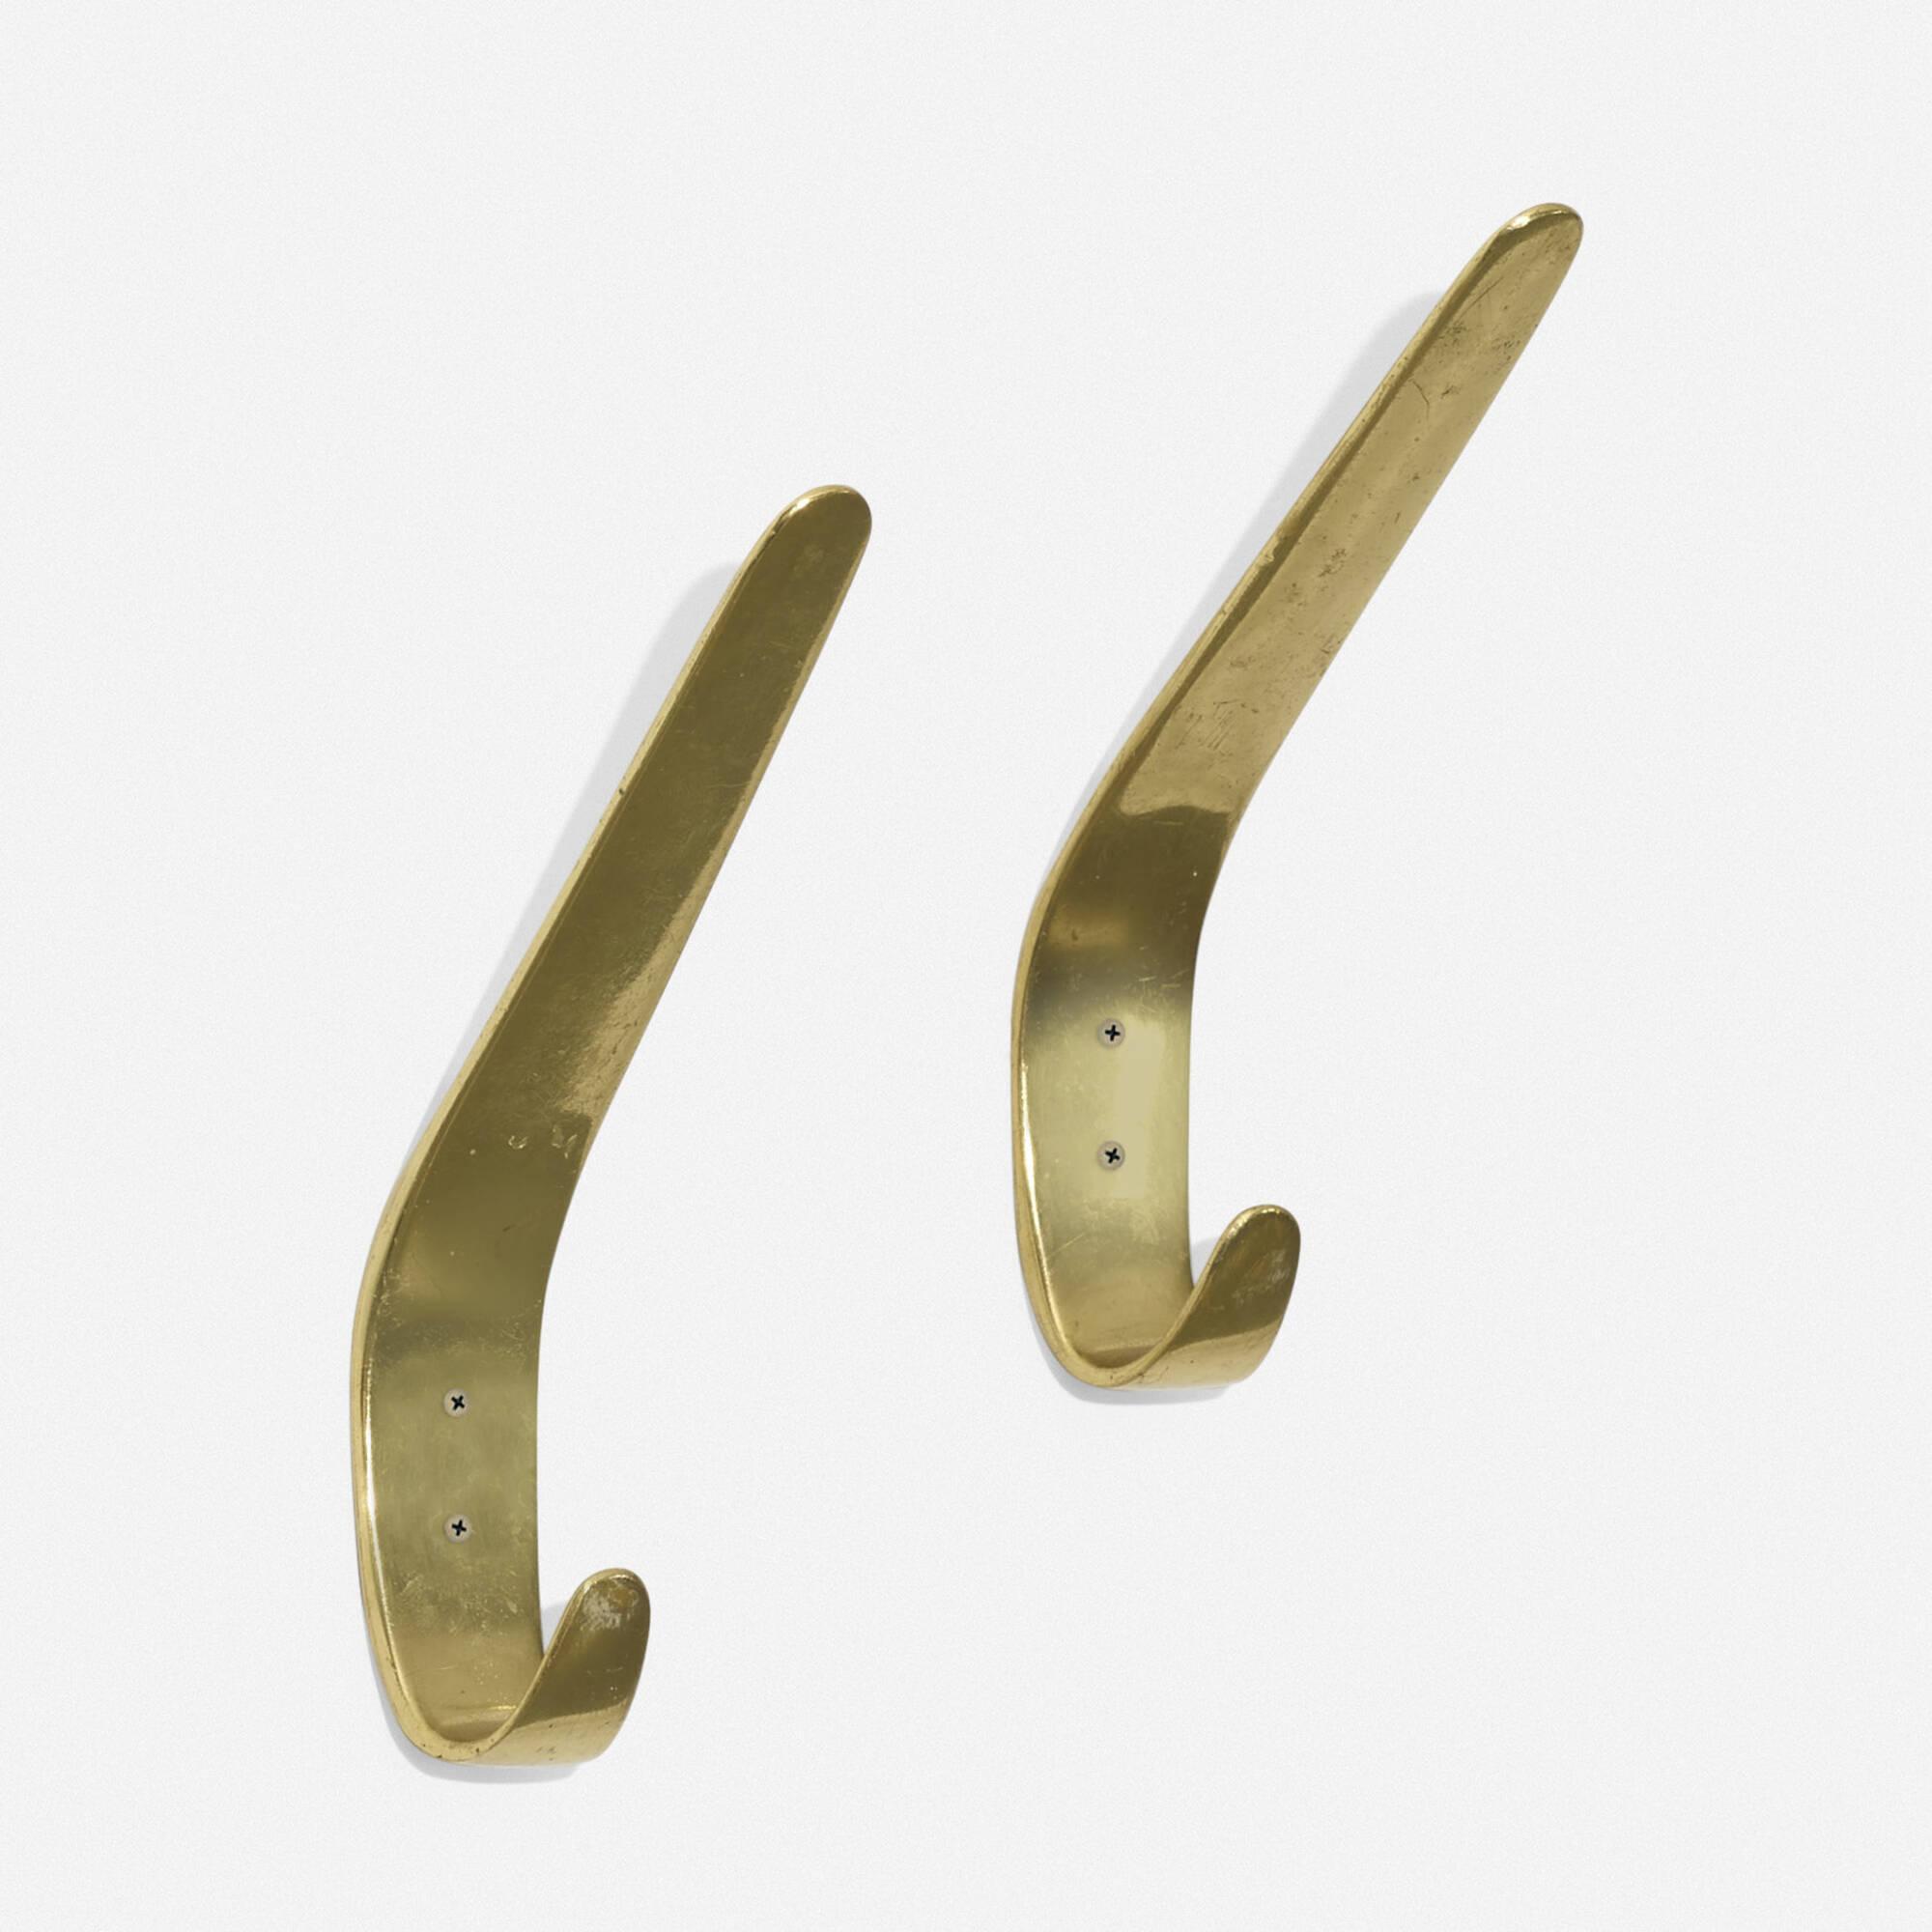 125: Carl Auböck II / wall hooks, pair (1 of 2)